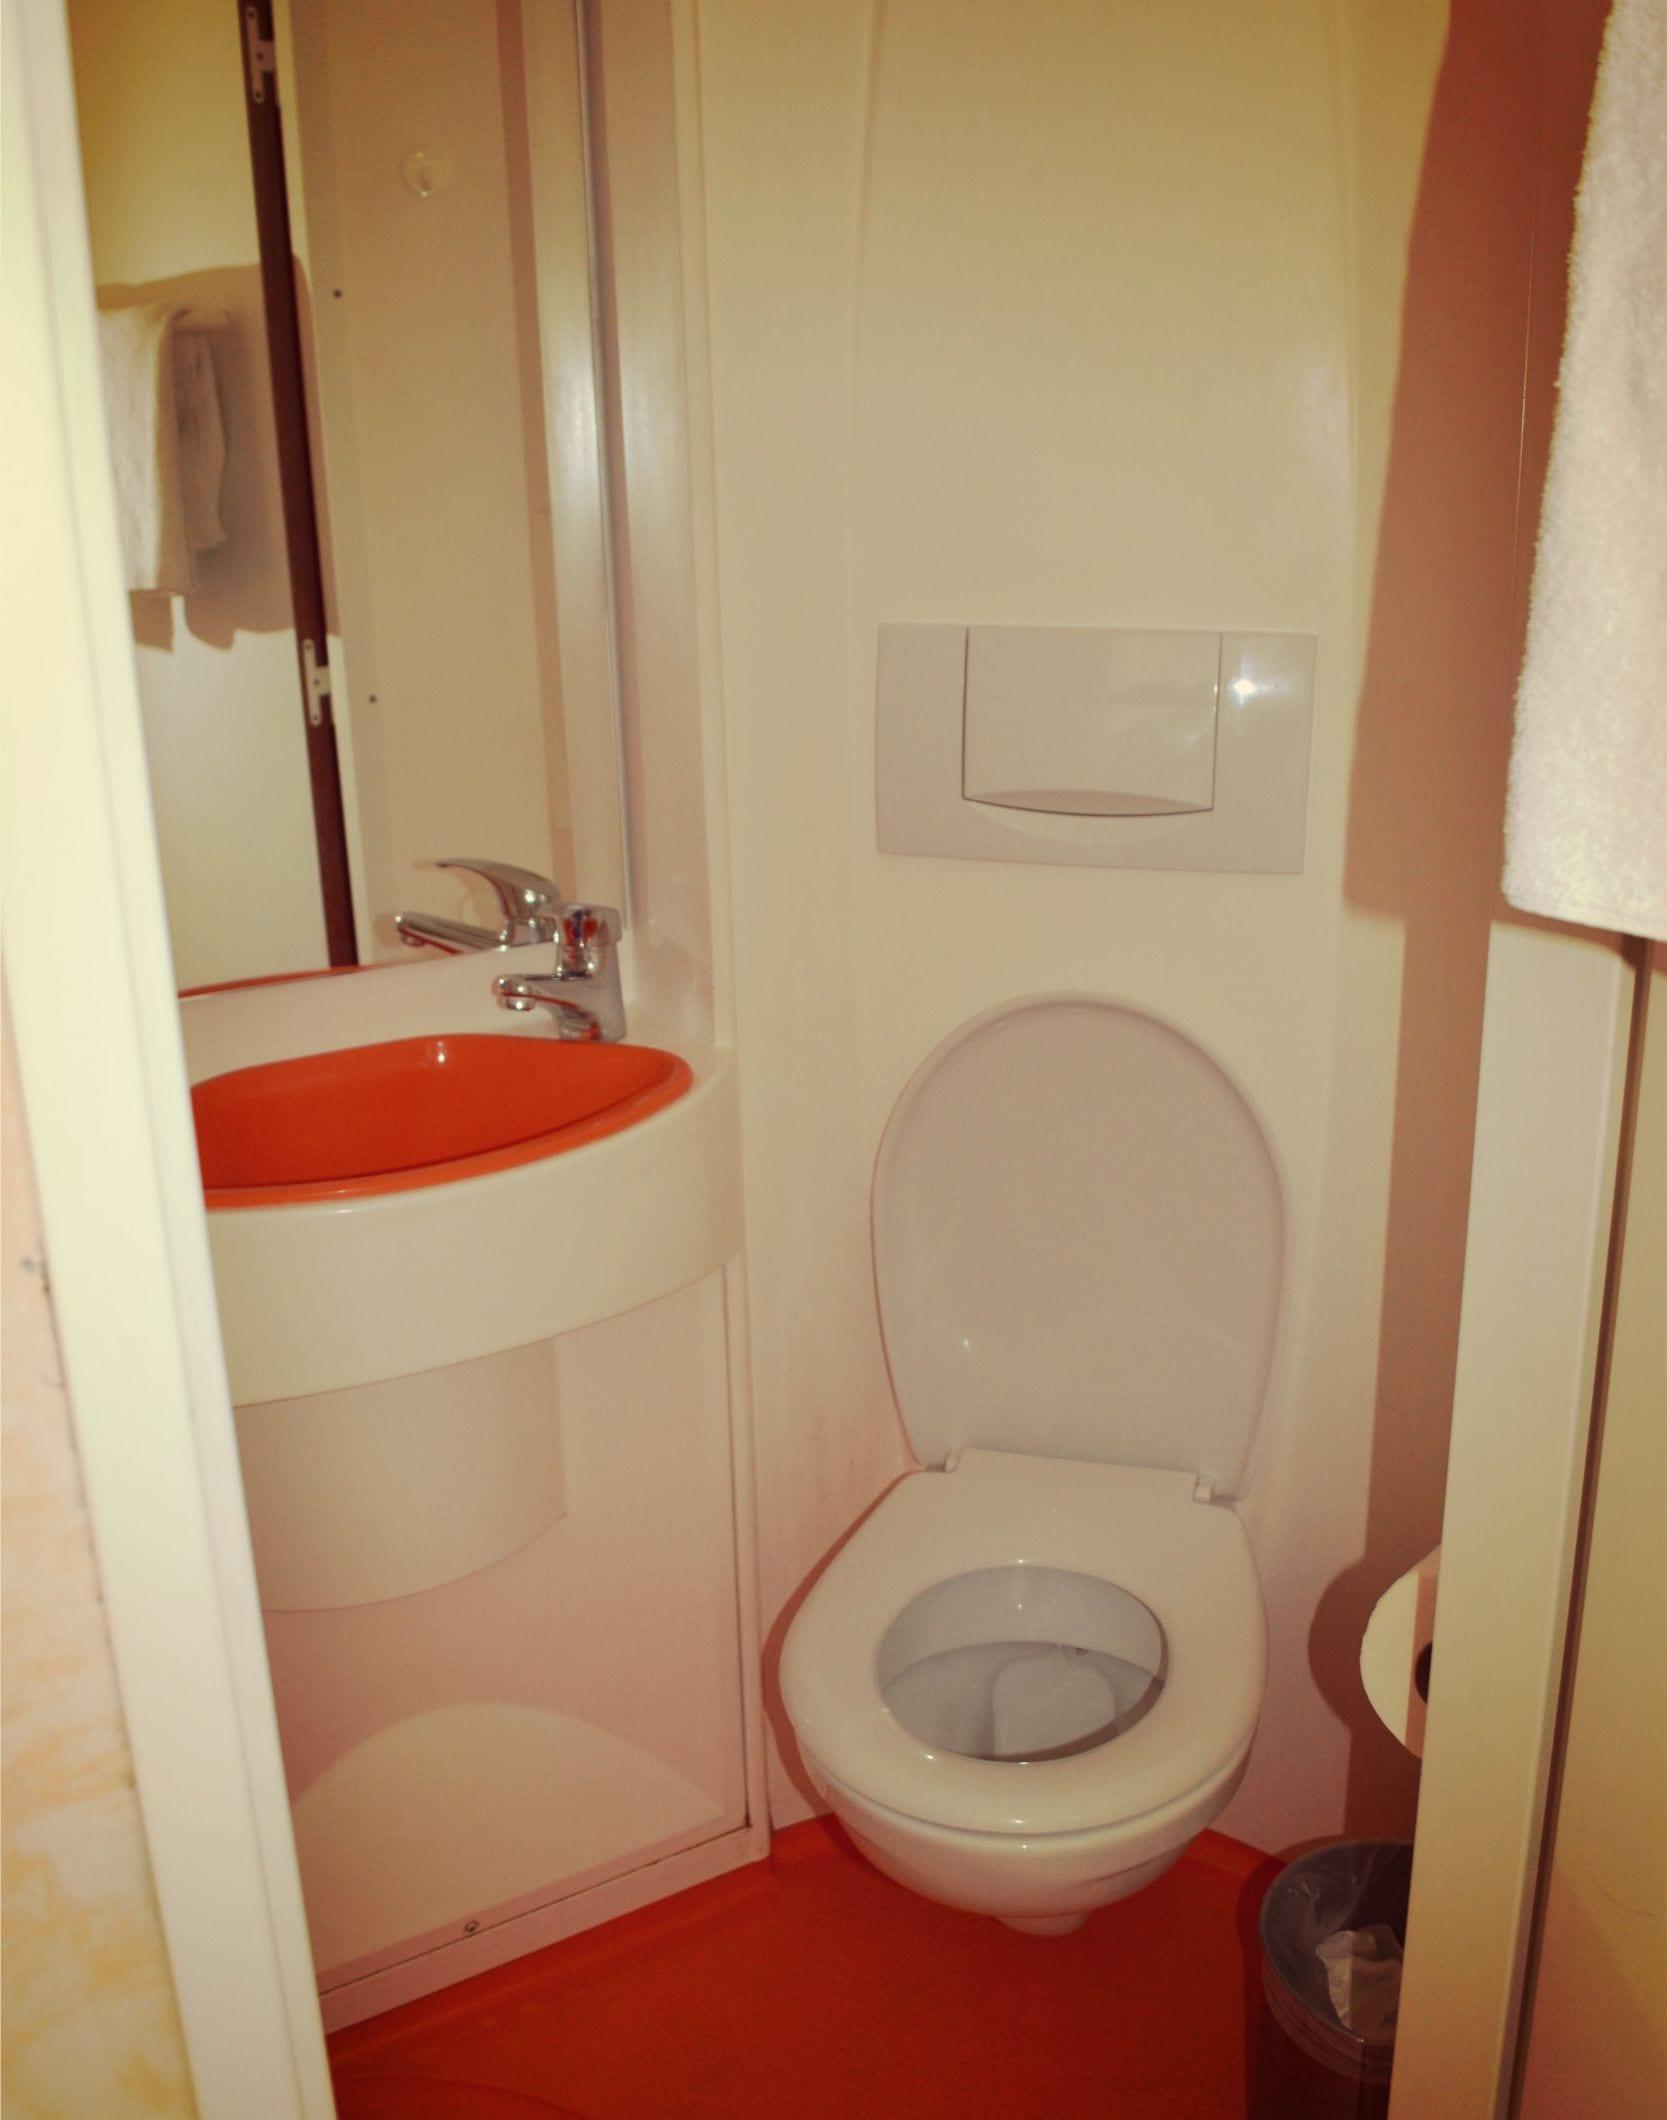 Das Bad ist klein, aber sehr sauber. MAn gewöhnt sich schnell daran.